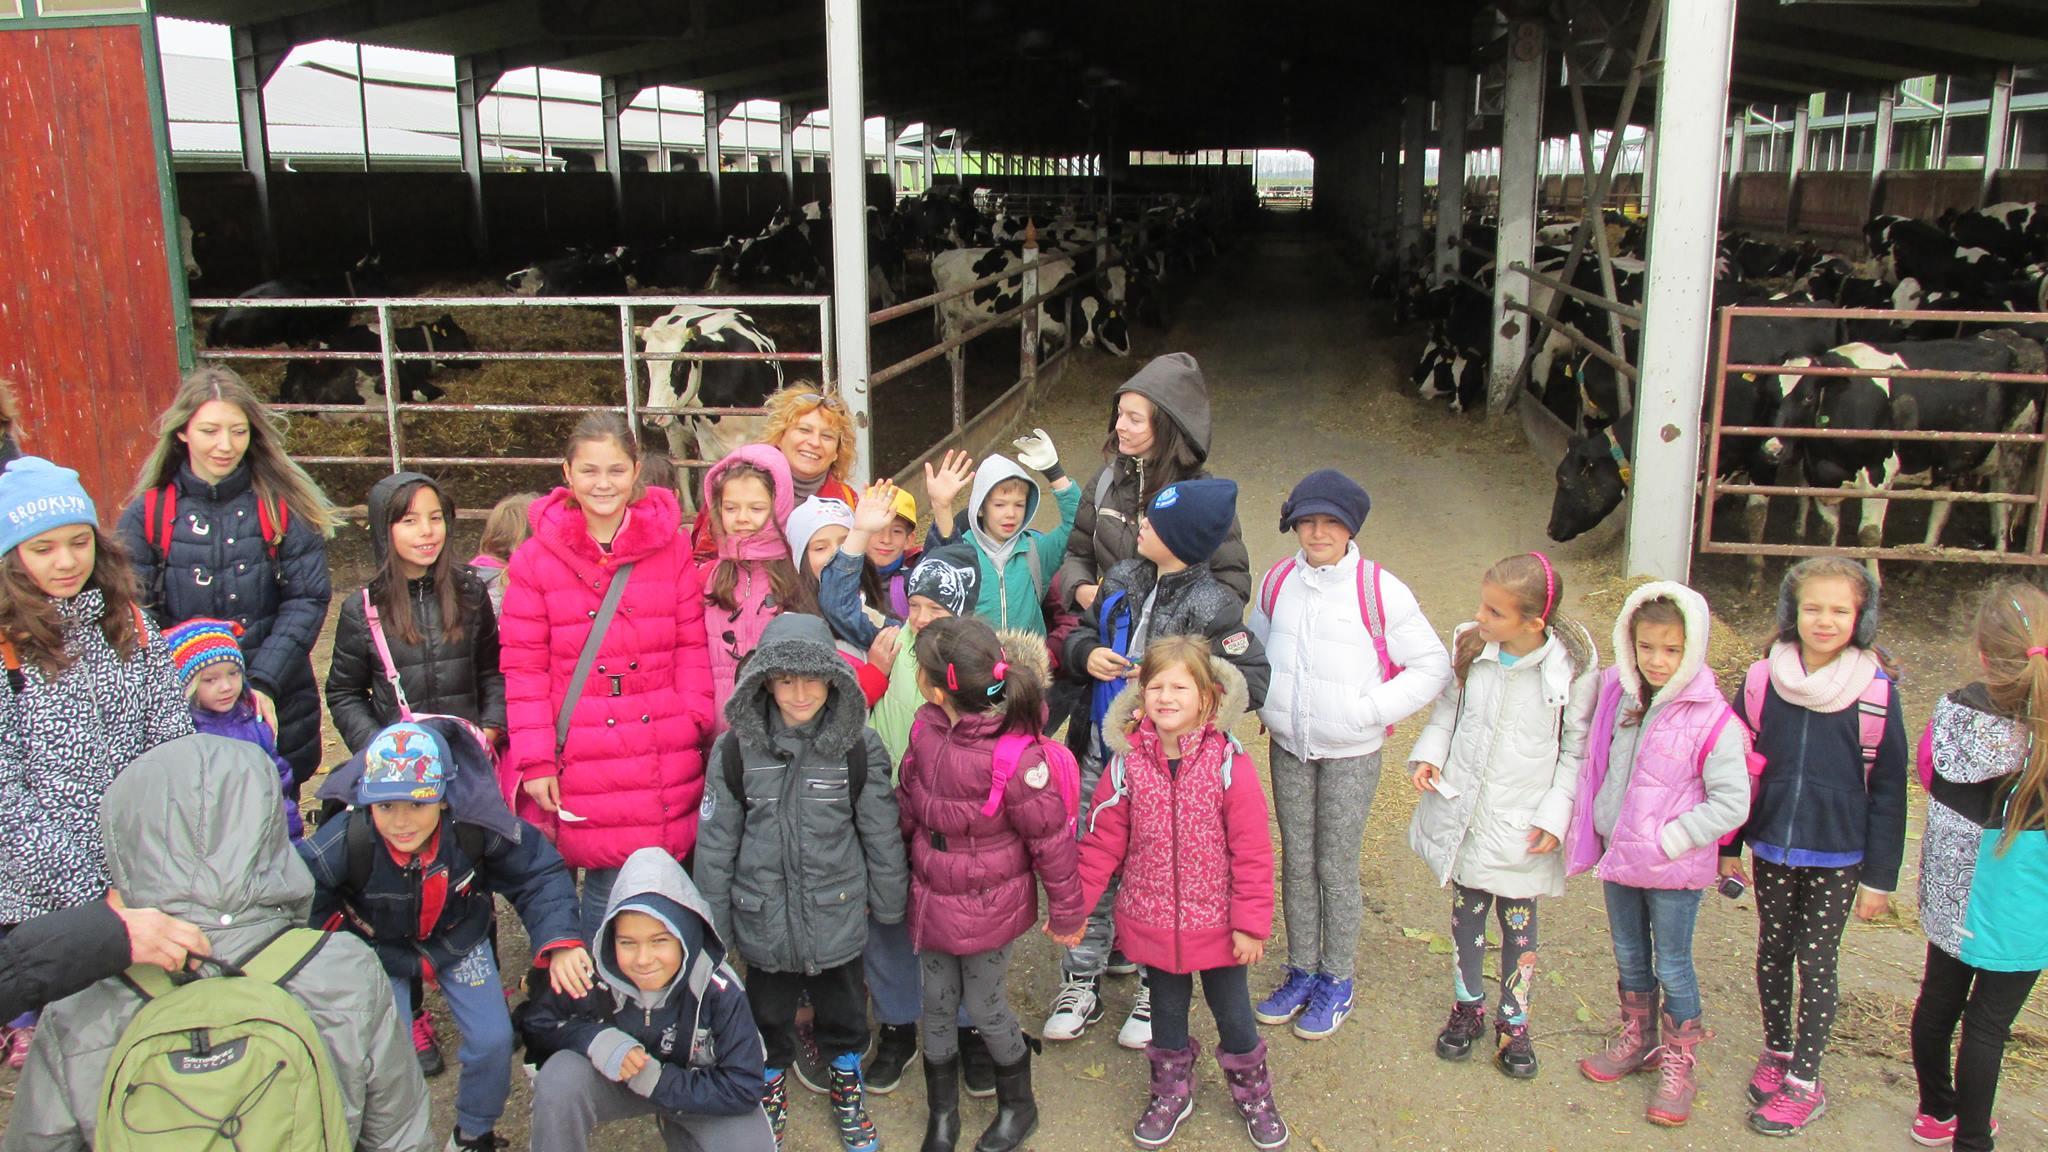 Deca su mogla da vide kako danas funkcioniše jedna savremena farma krava